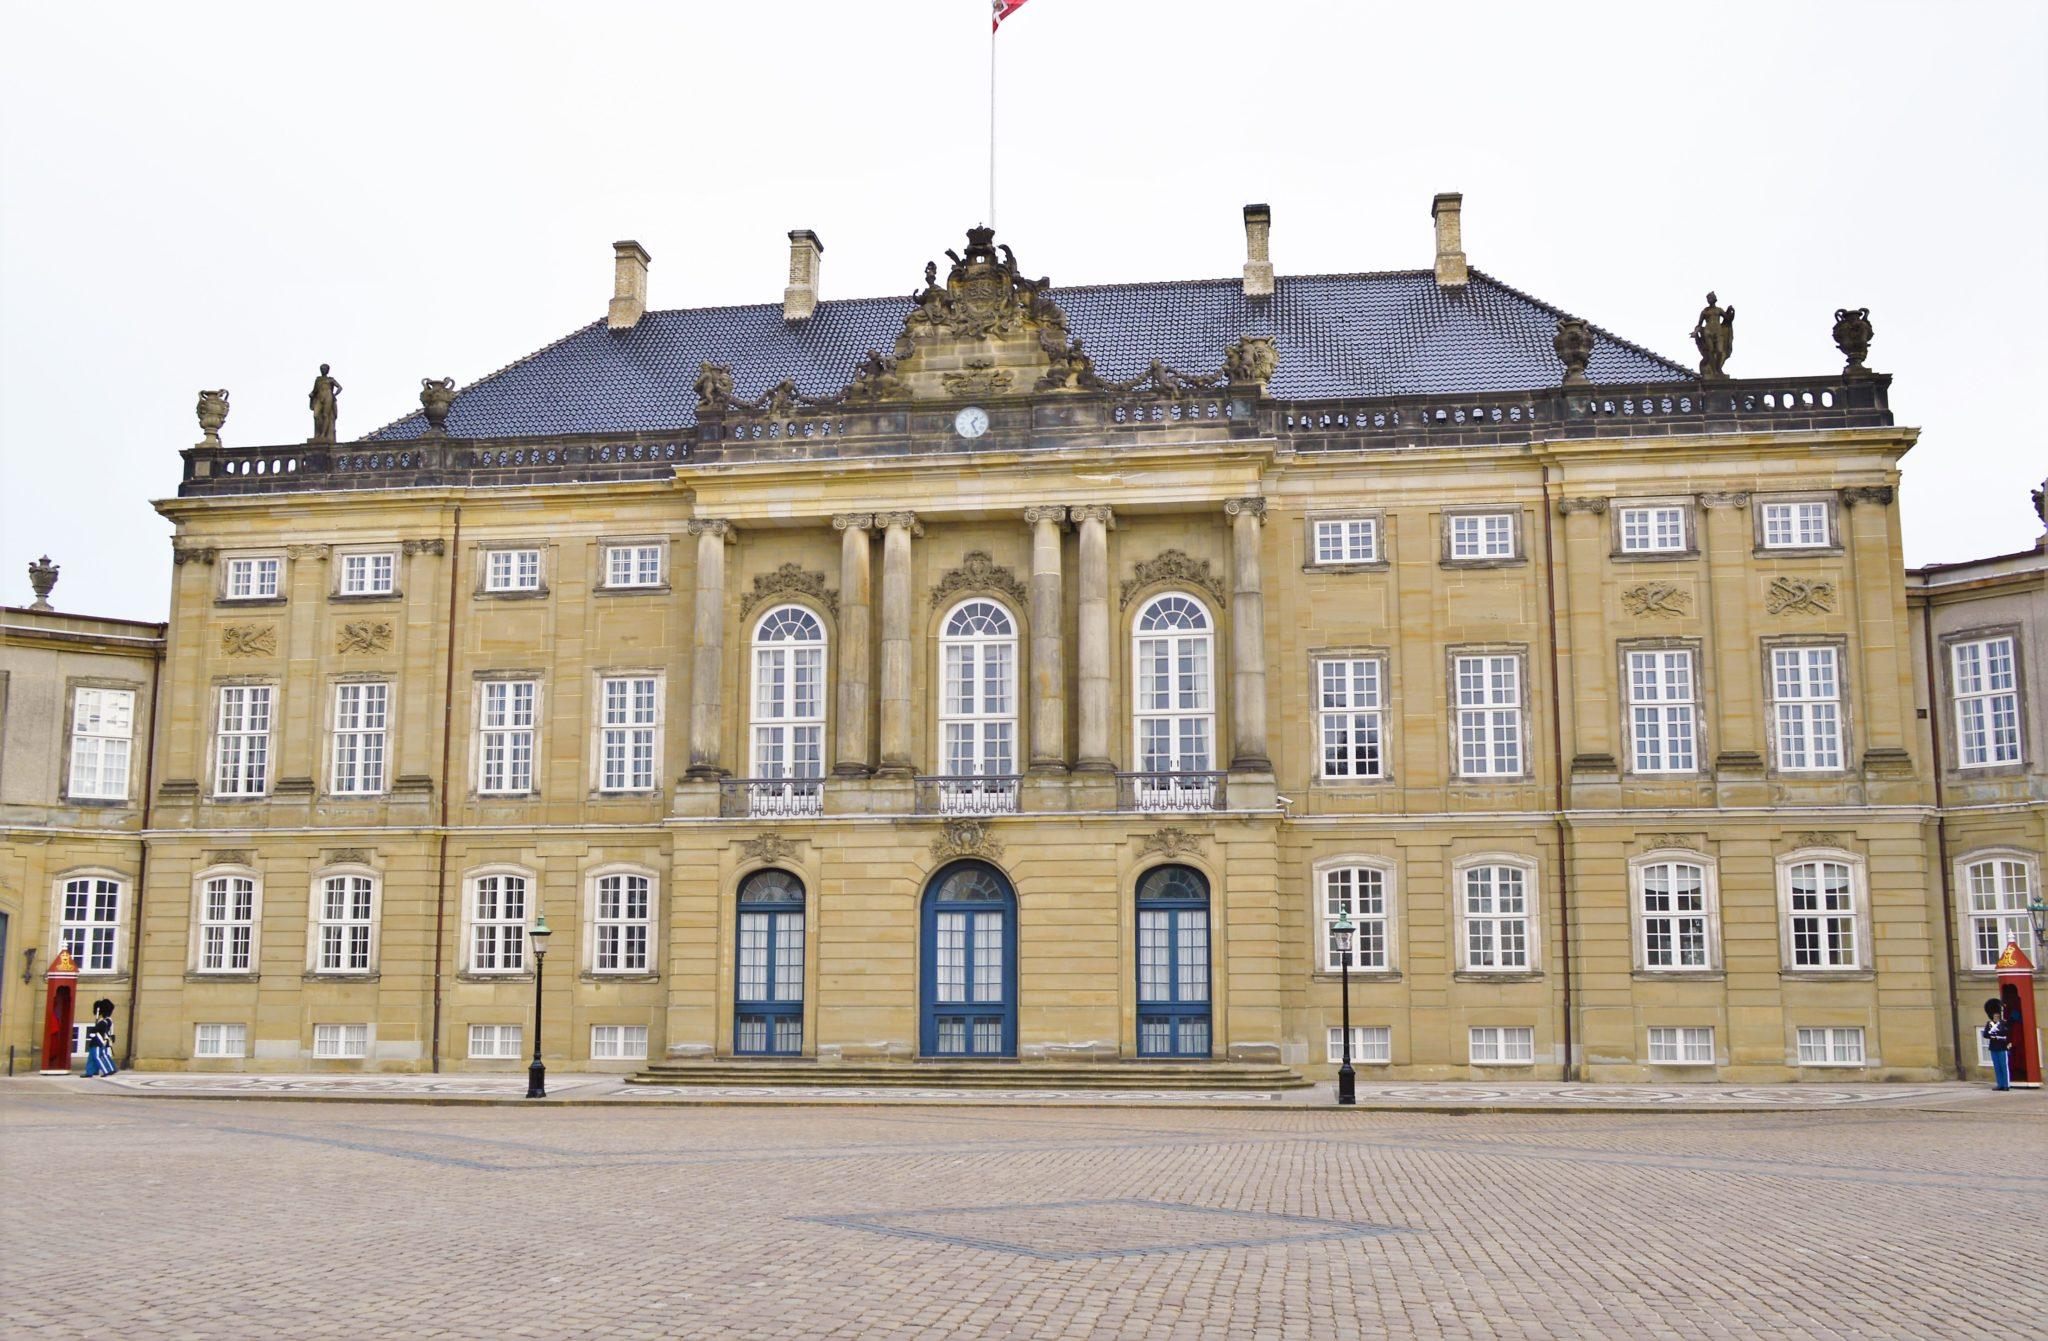 Royal Palace Amalienborg, Copenhagen, Denmark